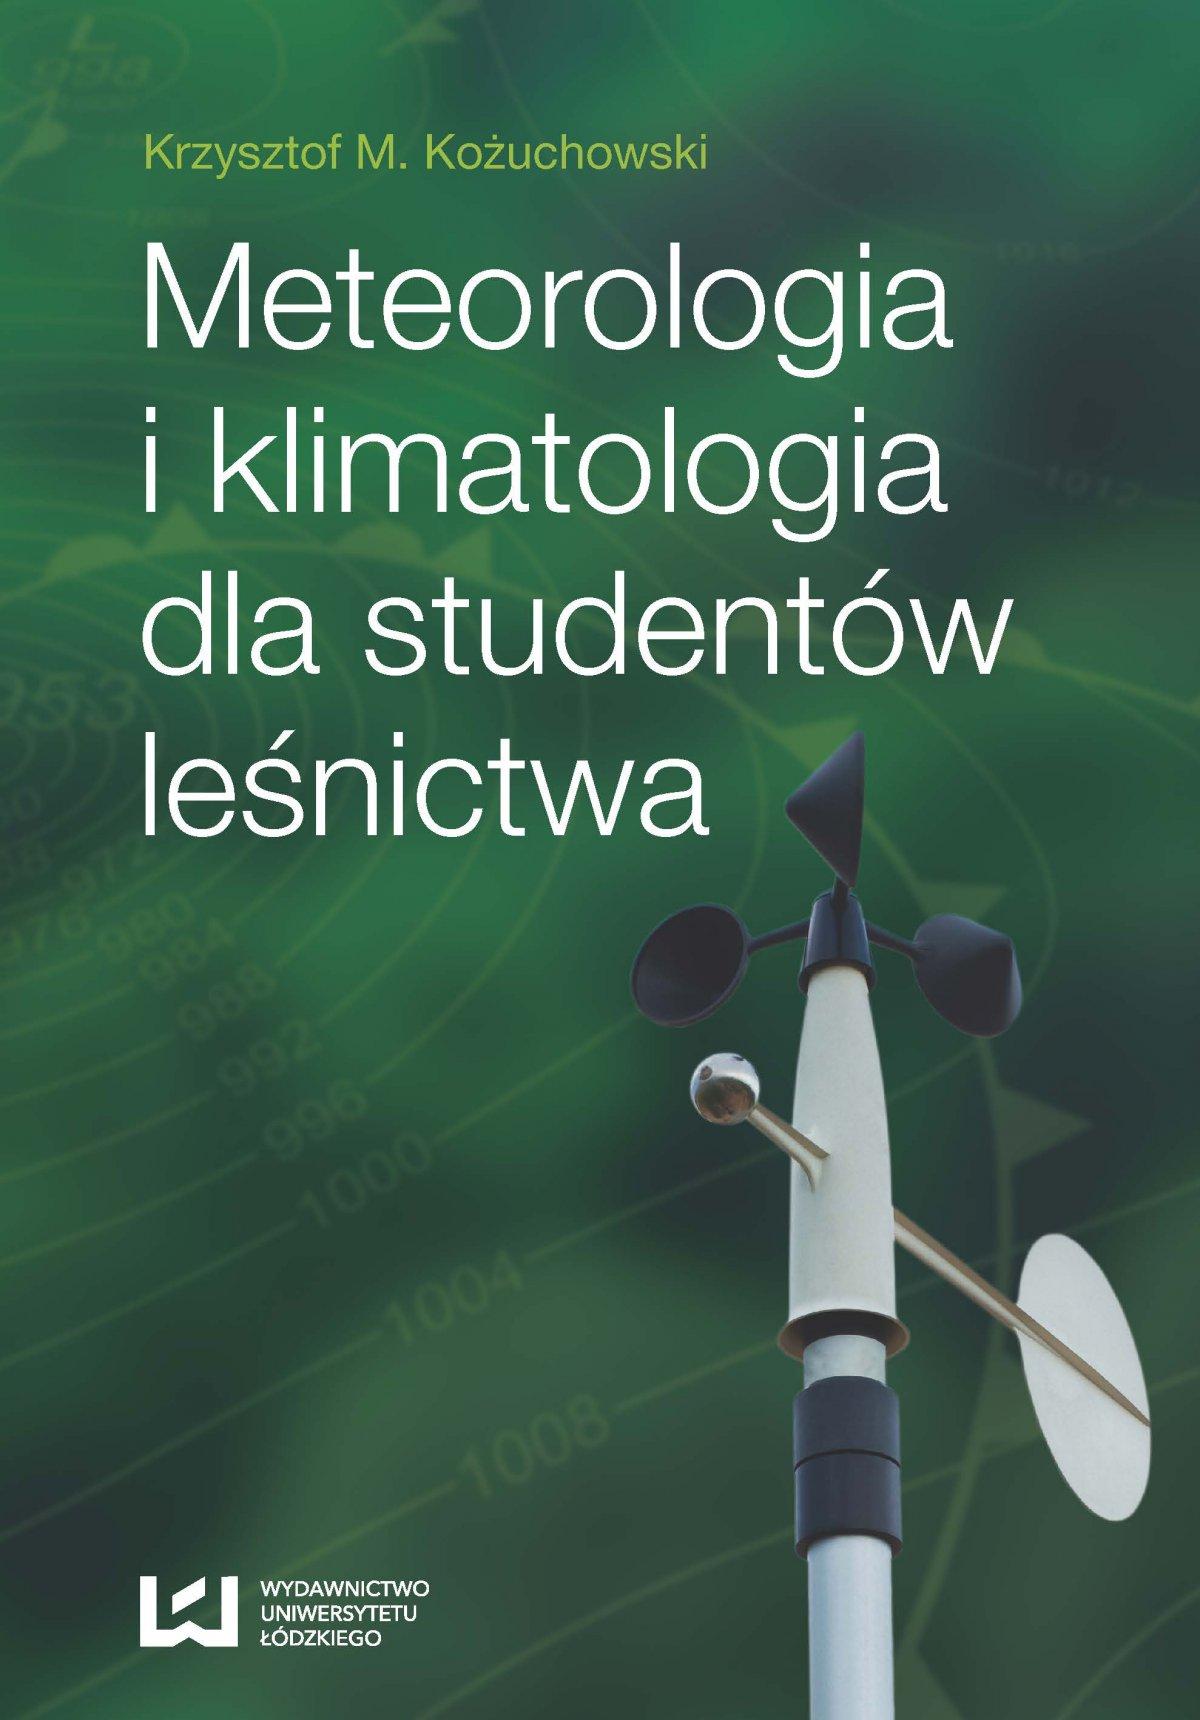 Meteorologia i klimatologia dla studentów leśnictwa - Ebook (Książka PDF) do pobrania w formacie PDF